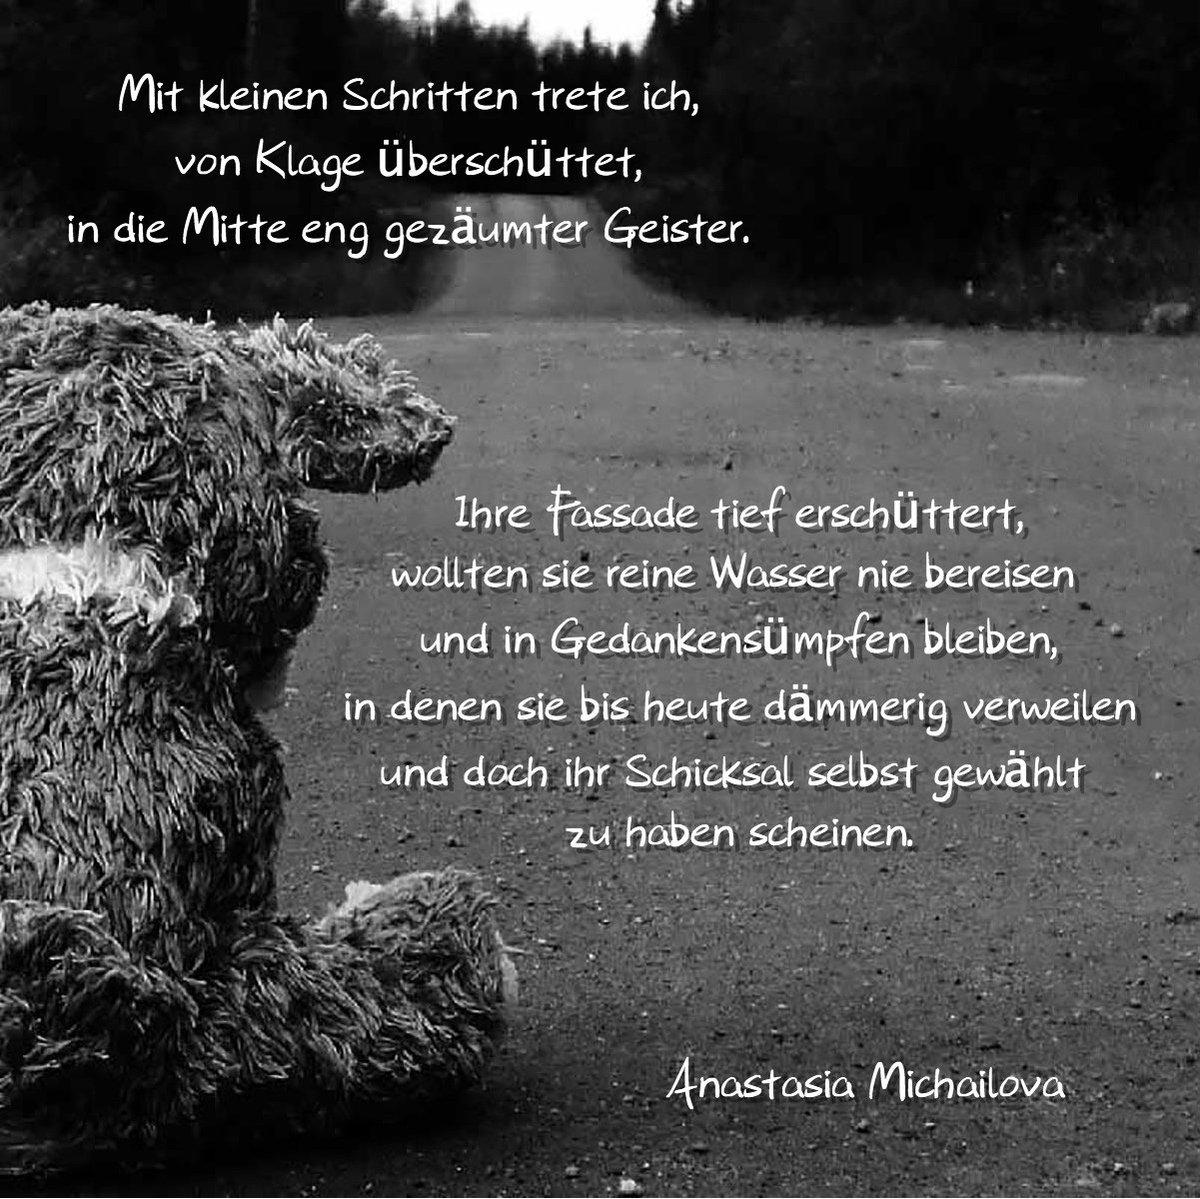 Anastasia Michailova On Twitter Gedicht Gedichte Lyrik Poesie Autorenleben Schwarzweiss Gedanken Gefuhle Schreiben Zitat Zitate Literatur